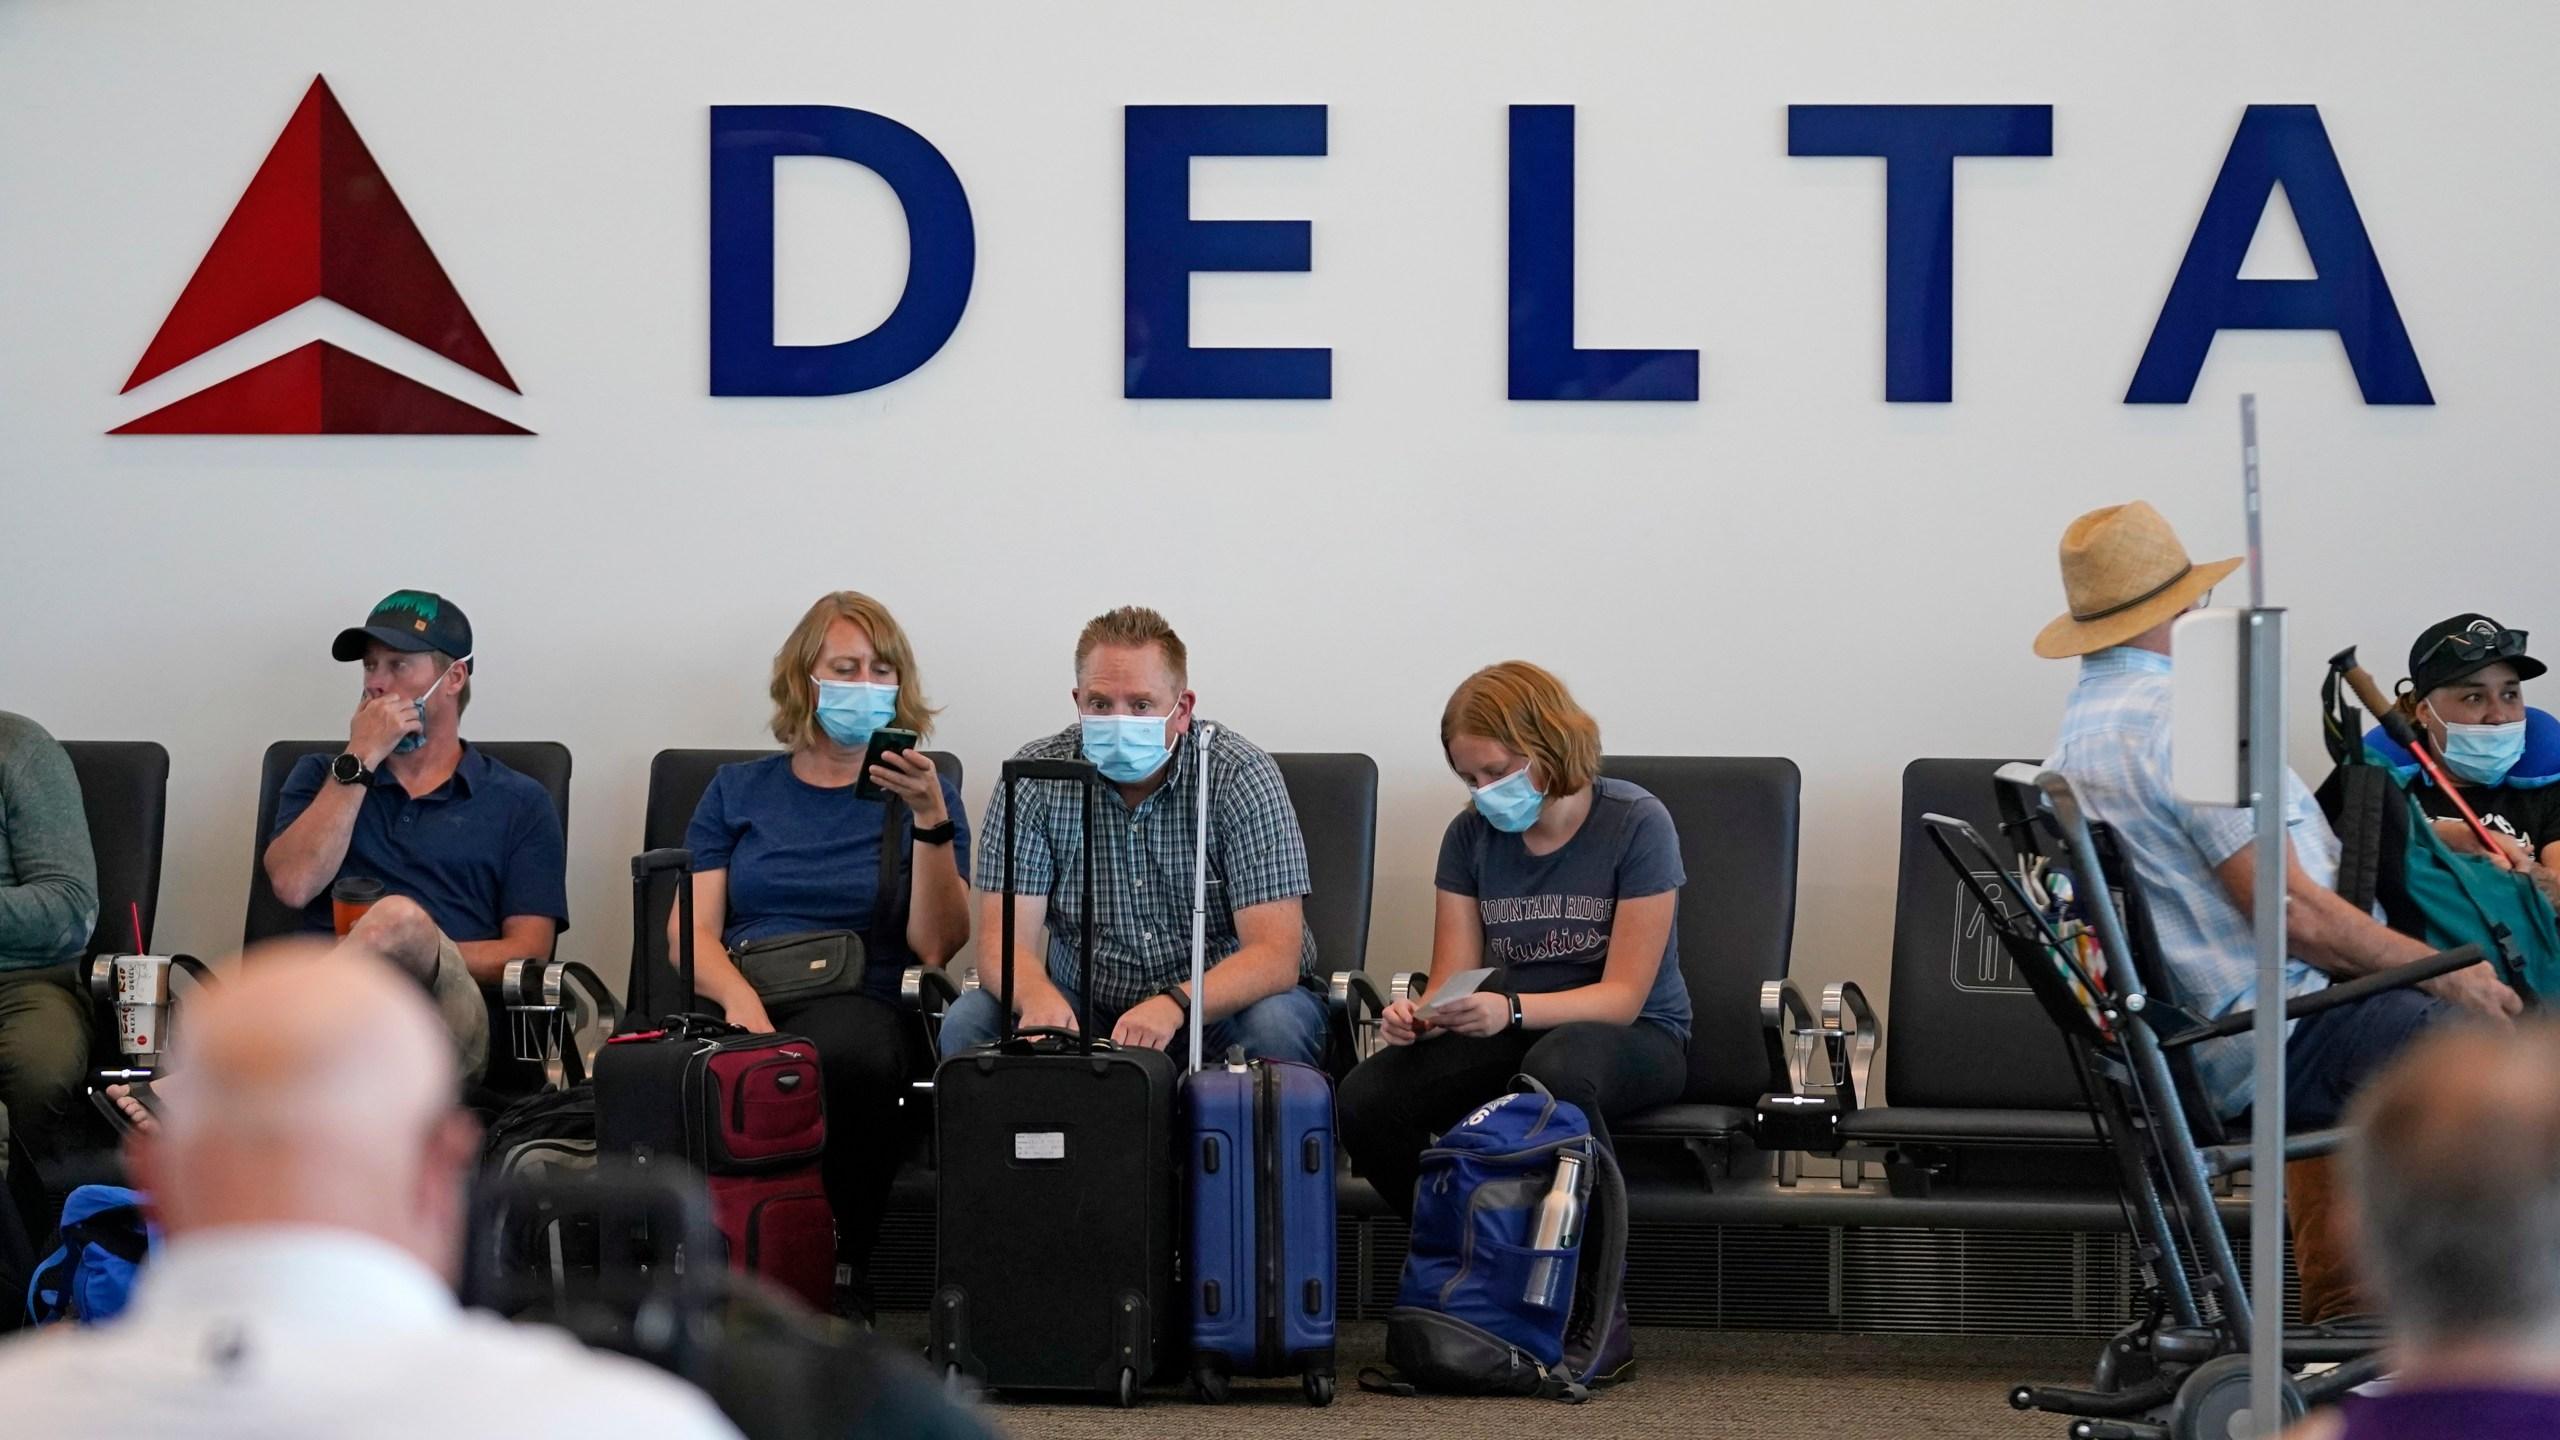 Delta Air Lines: Mitarbeiter die nicht geimpft sind müssen eine monatliche Strafe zahlen